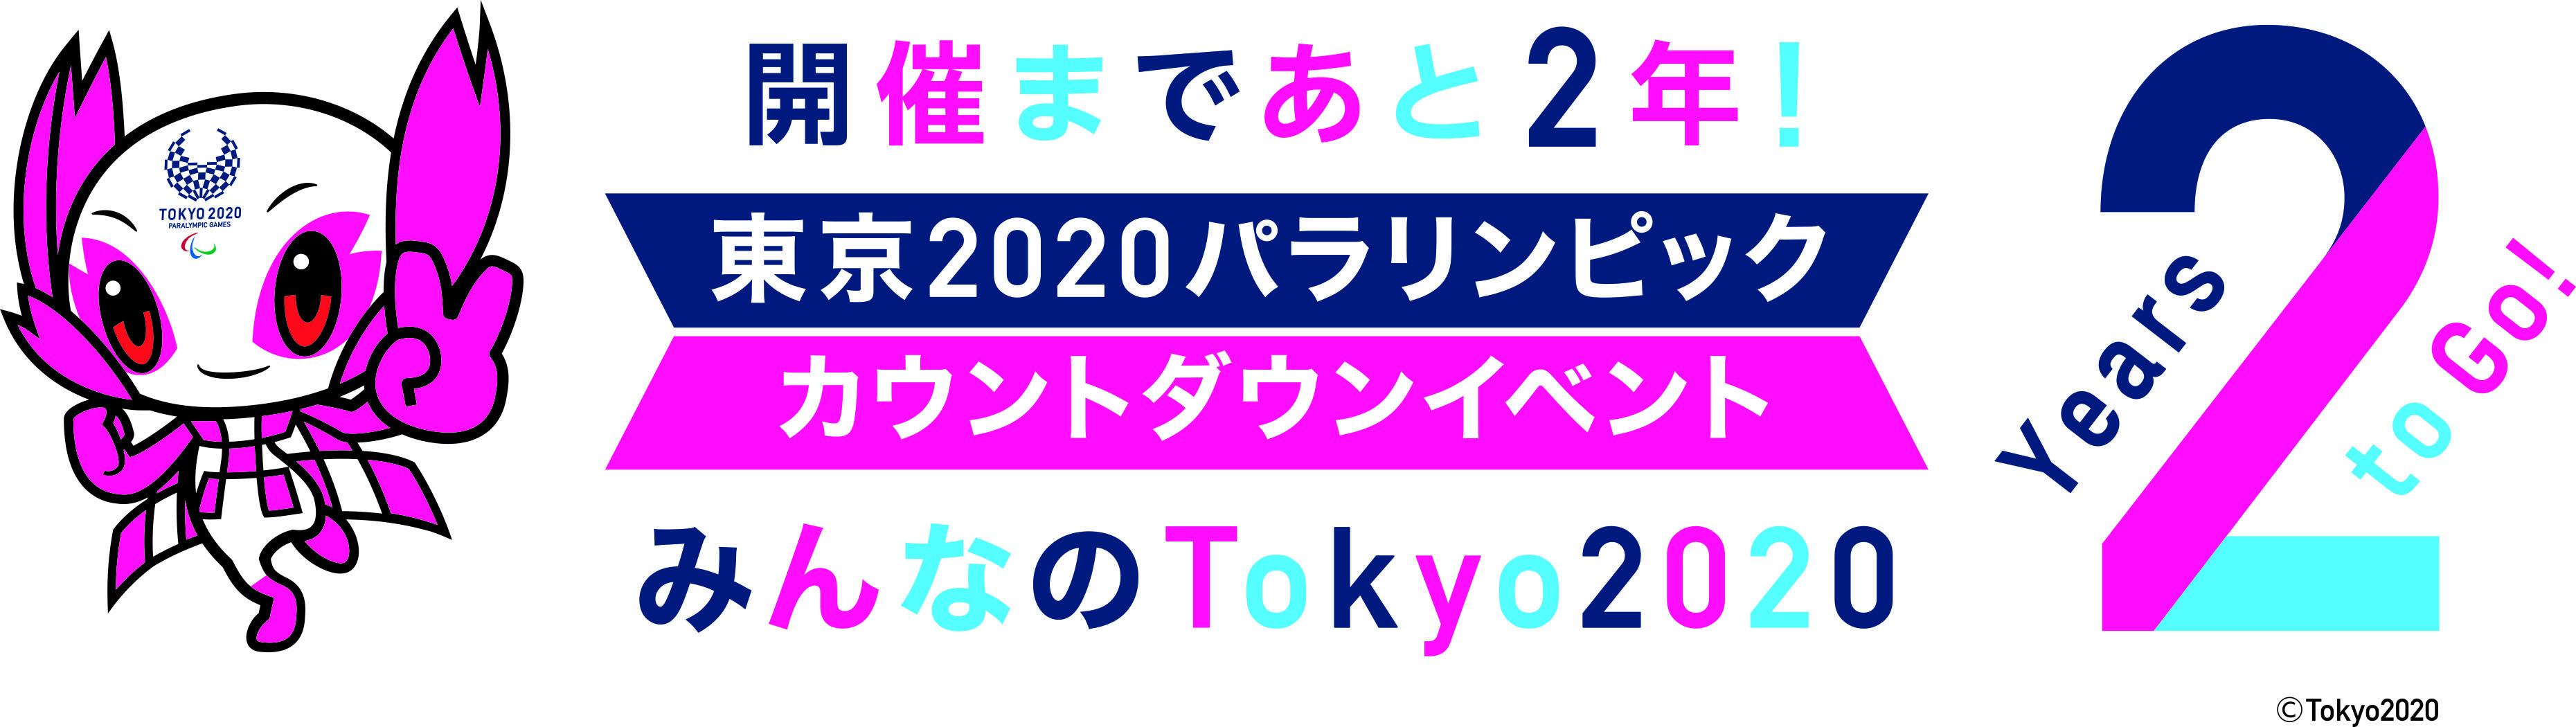 8月25日(土)に開催される『みんなの Tokyo 2020 2 Years to Go!』